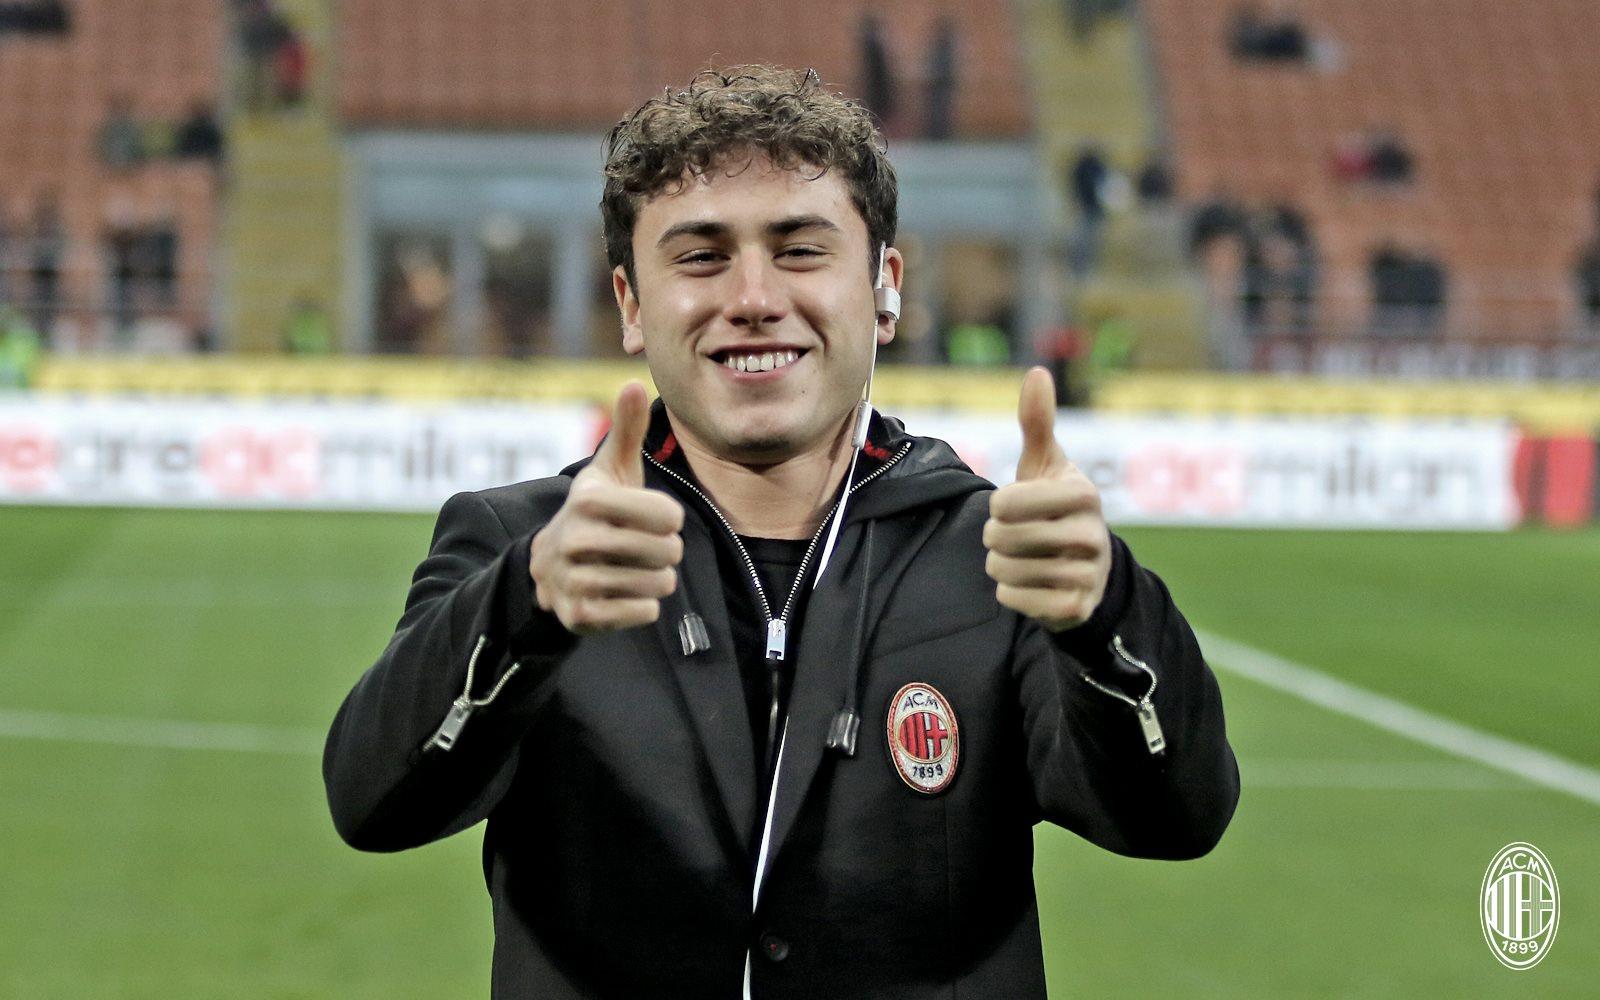 Davide Calabria, uno dei terzini rossoneri, al rientro in Coppa Italia. Fonte foto: A.C. Milan